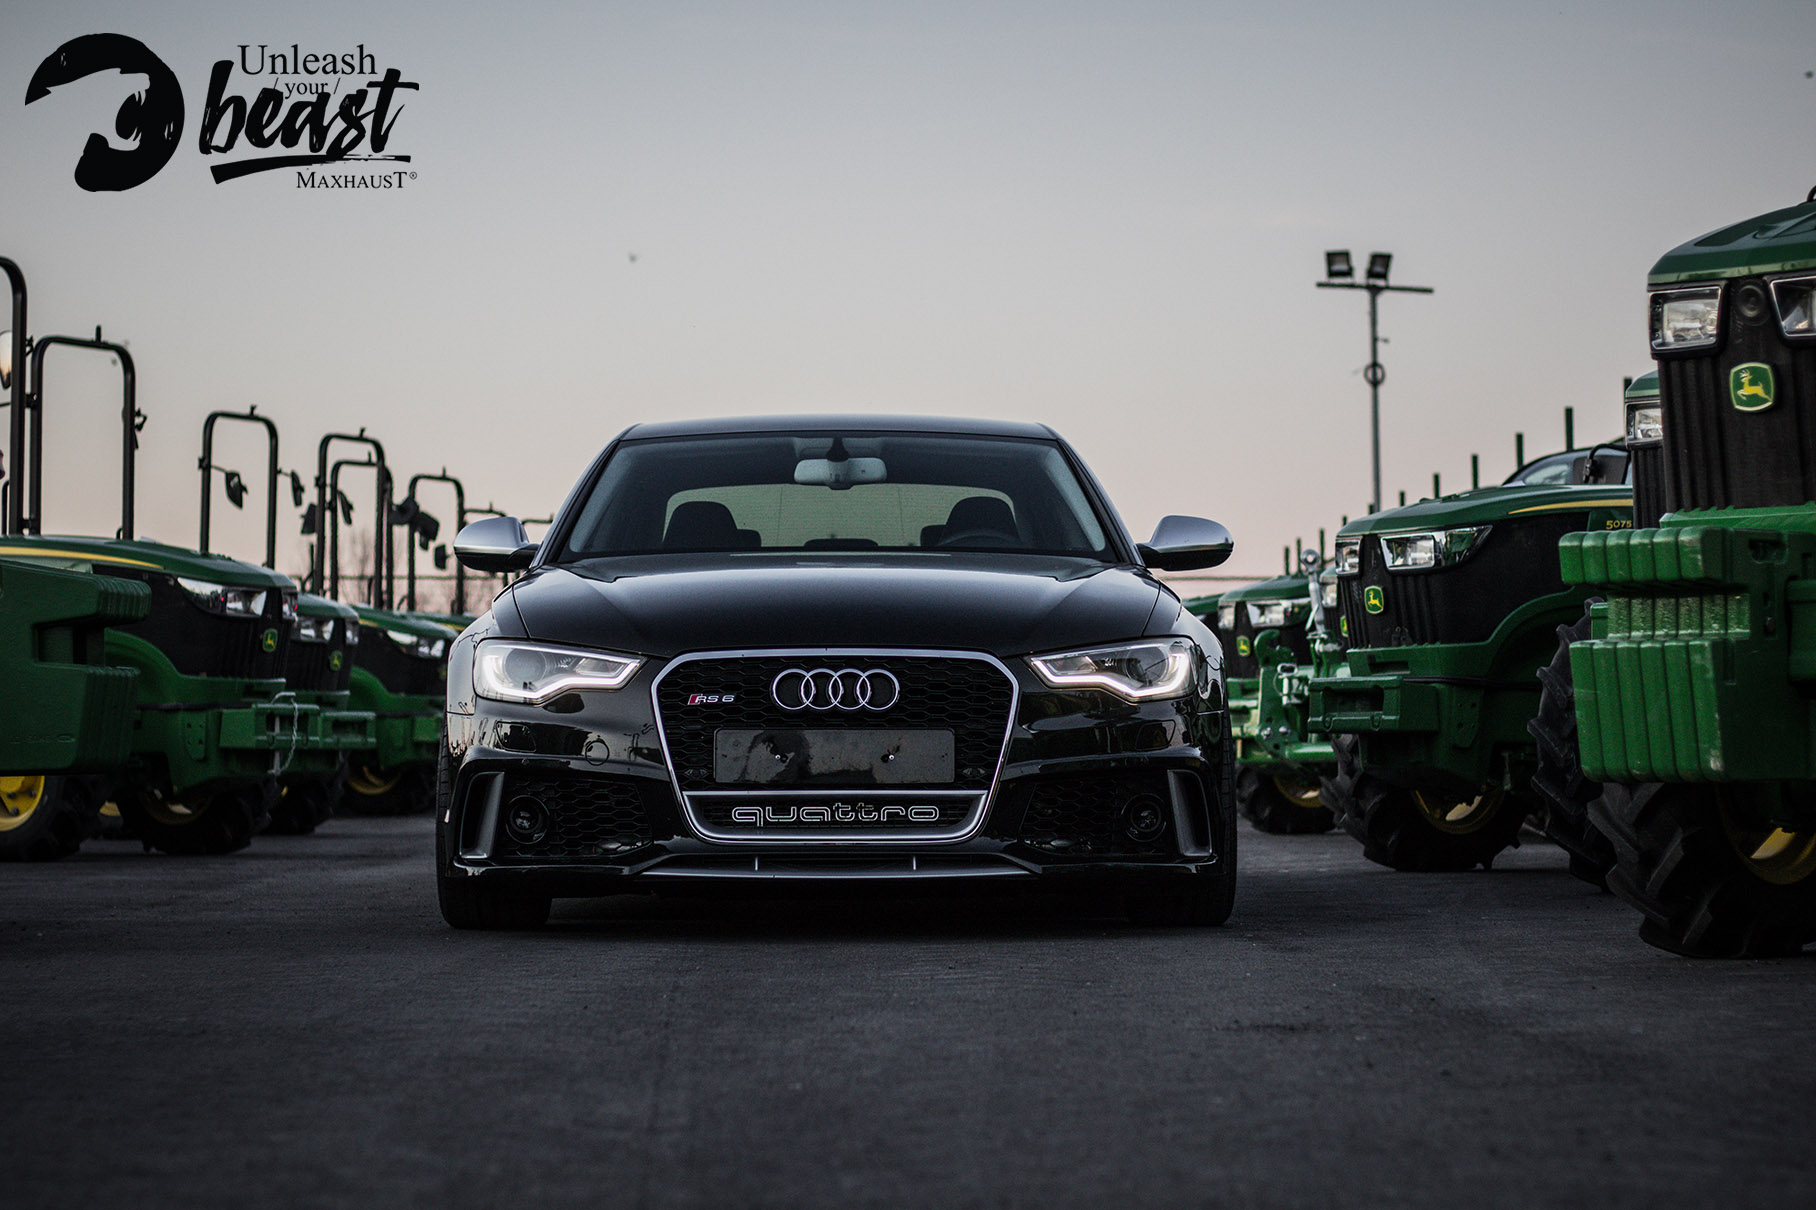 Audi Rs6 αλλαγή ήχου εξάτμισης Allstar applies στη Θεσσαλονίκη